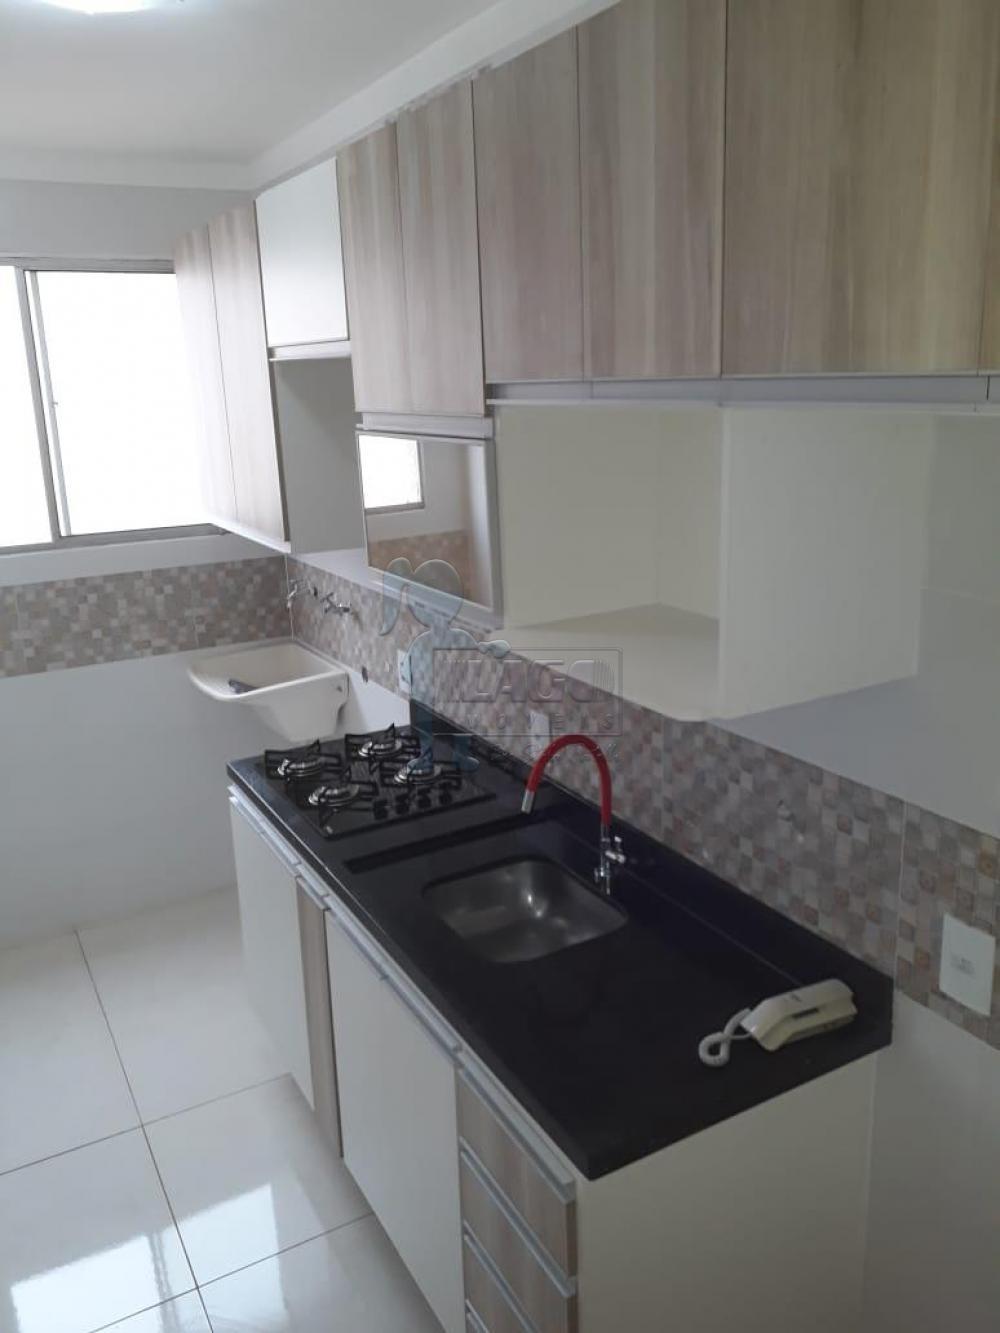 Alugar Apartamento / Padrão em Ribeirão Preto apenas R$ 1.000,00 - Foto 9